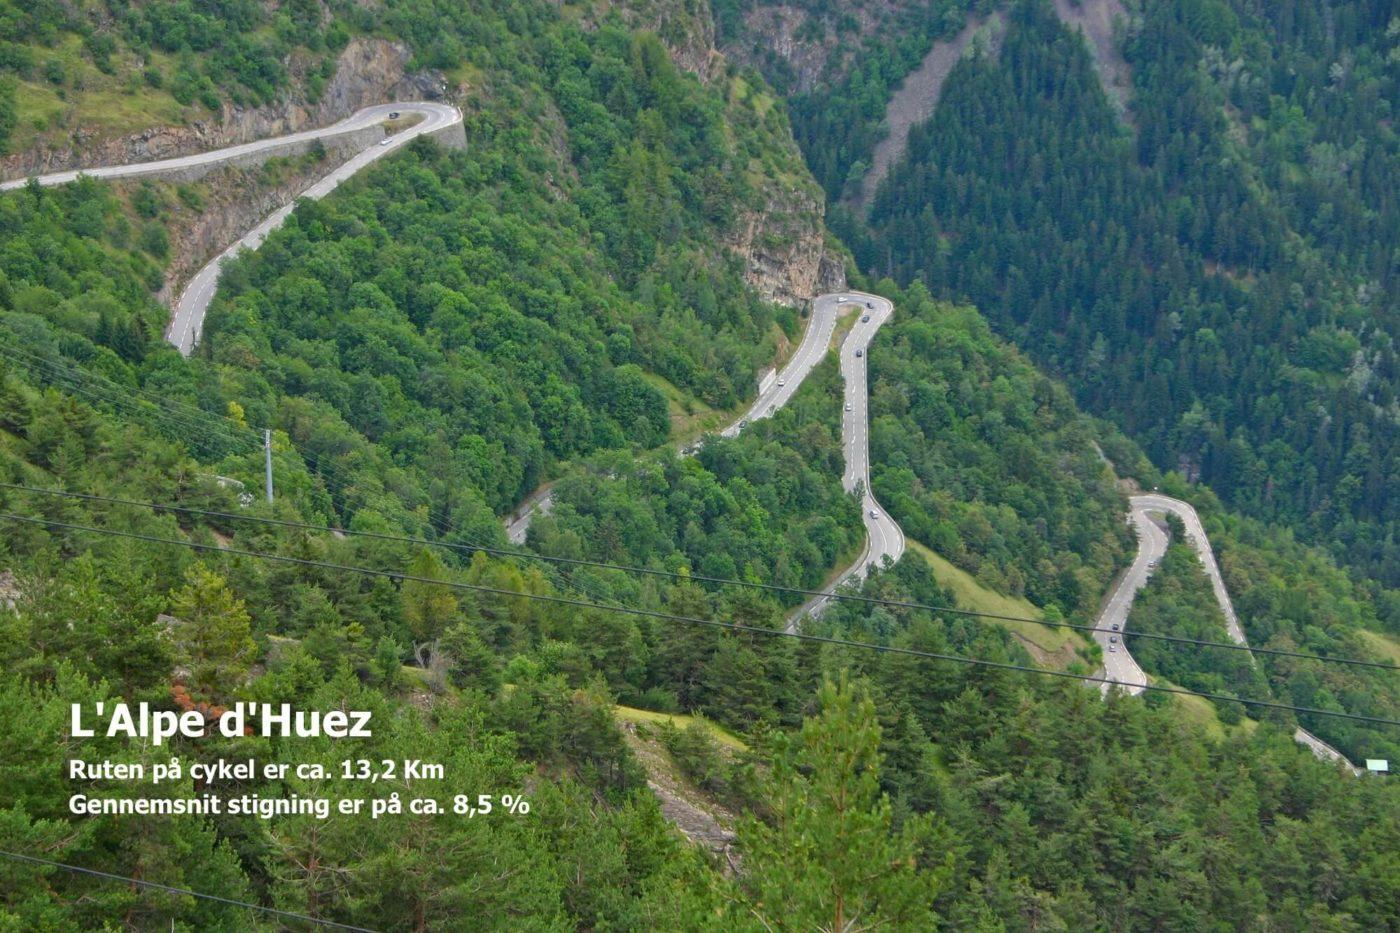 køre op ad Alpe d'Huez på cykel